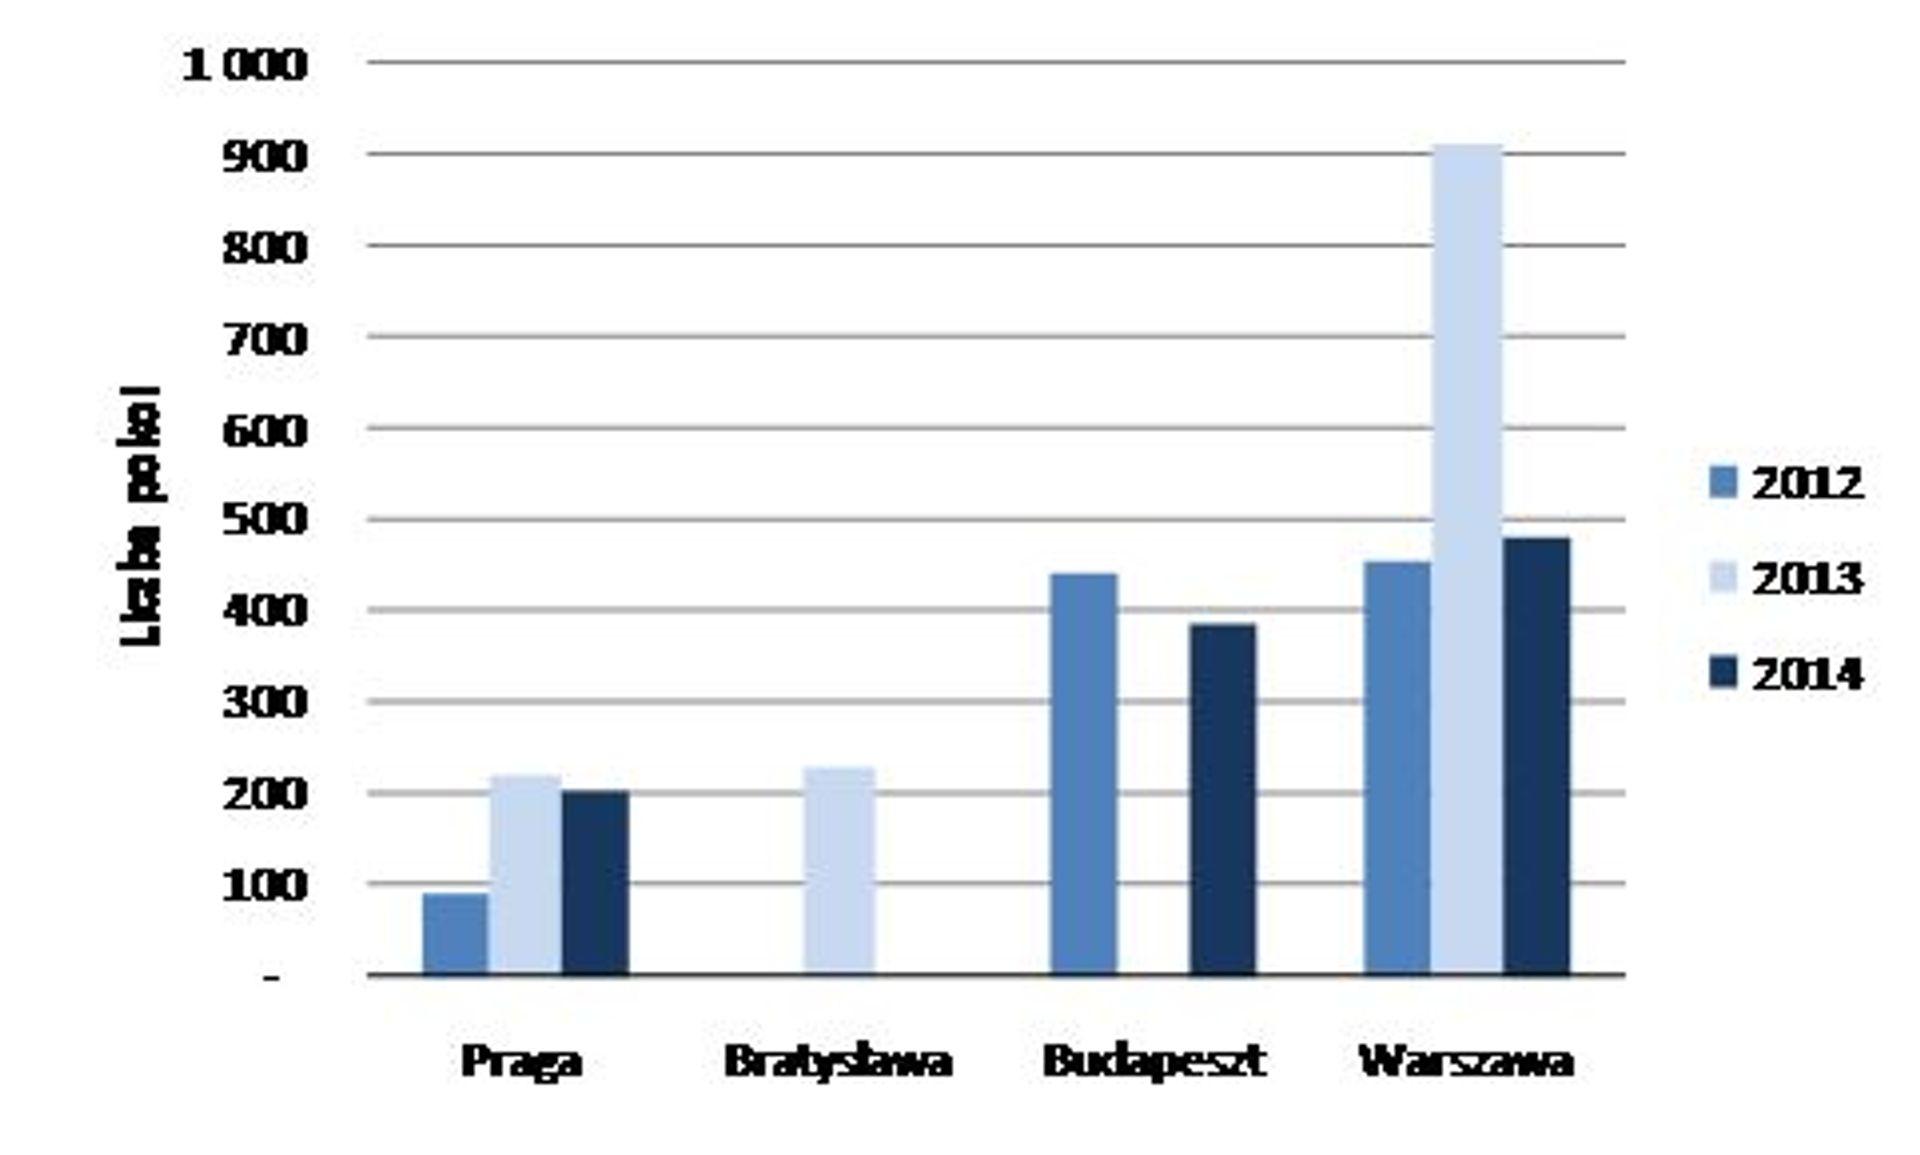 Ponowny wzrost zainteresowania inwestorów rynkiem hotelowym Europy Środkowej